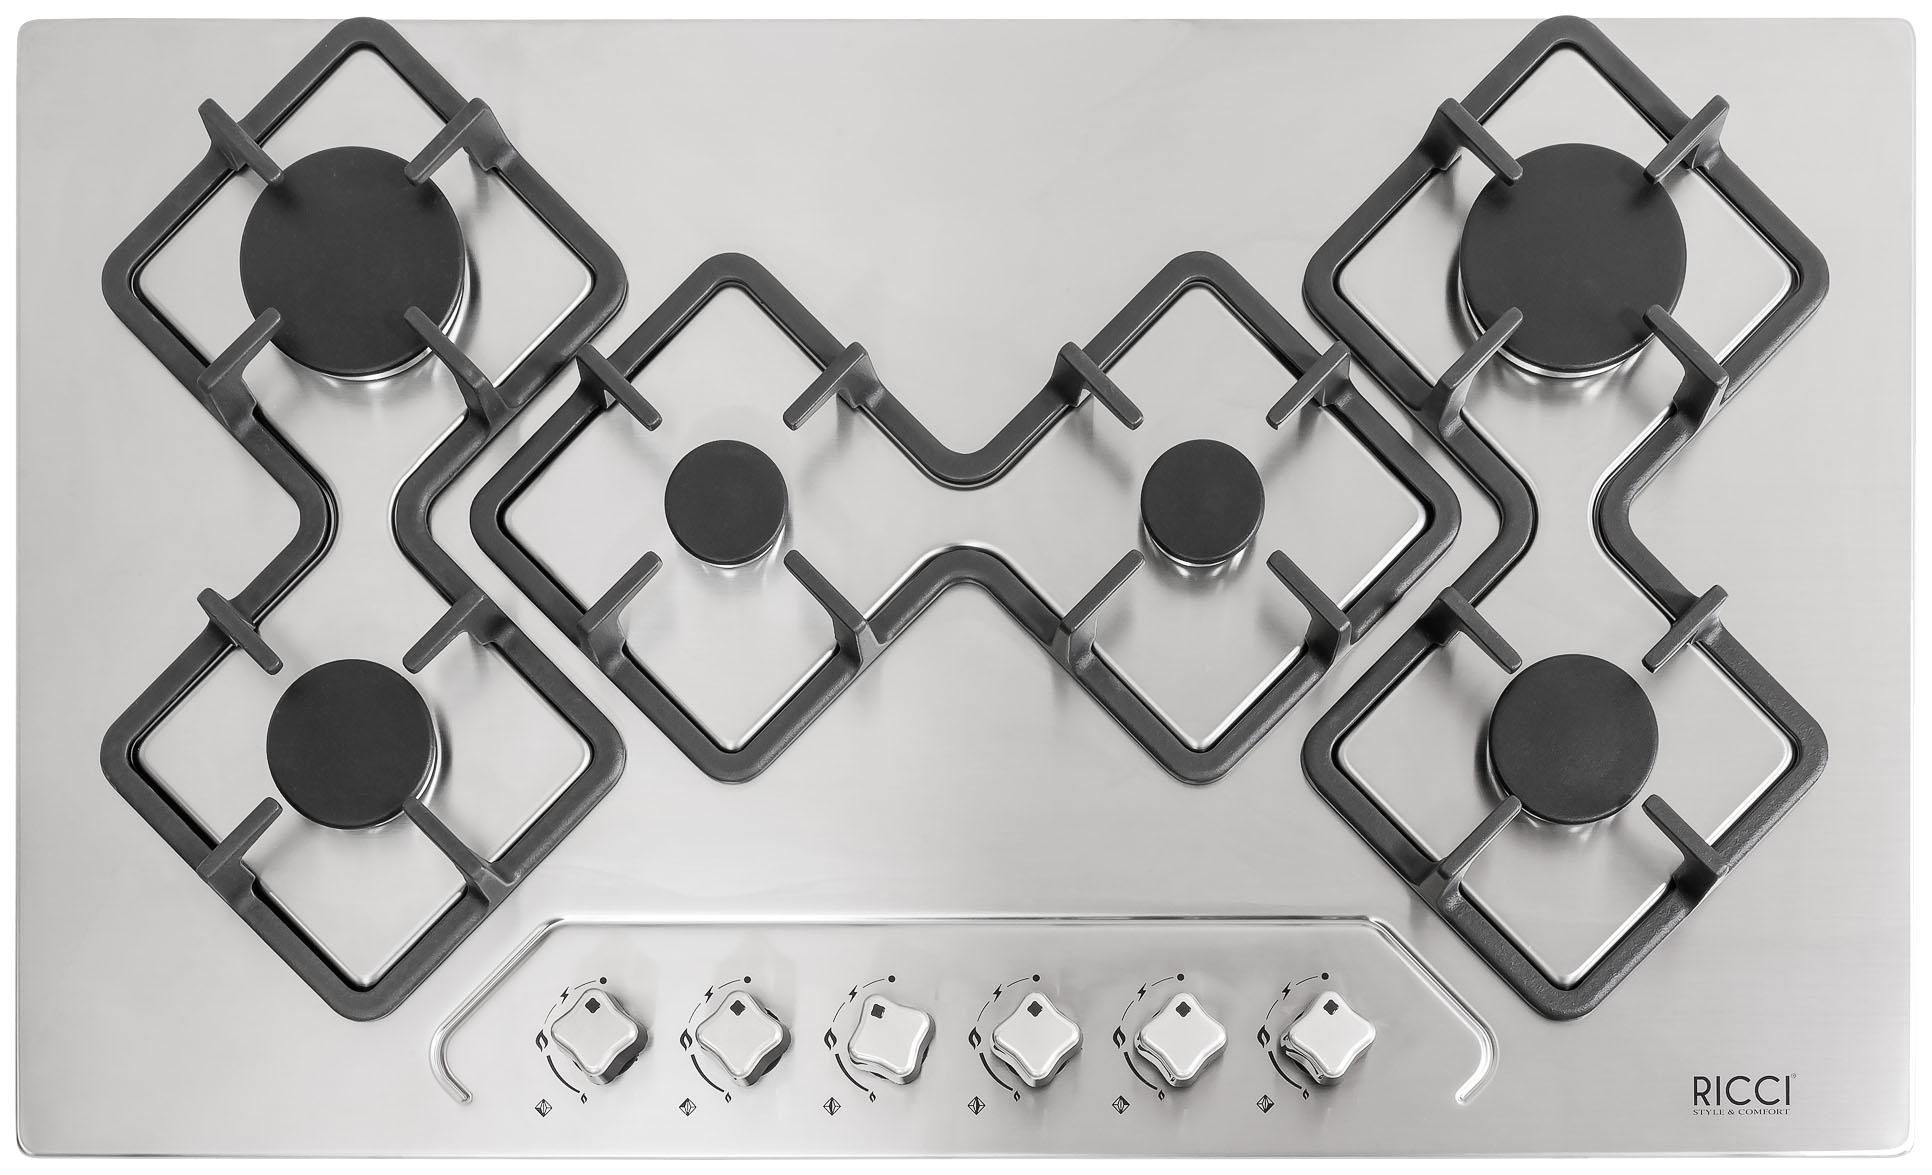 Встраиваемая газовая варочная панель RICCI RGN-KA 6018 IX